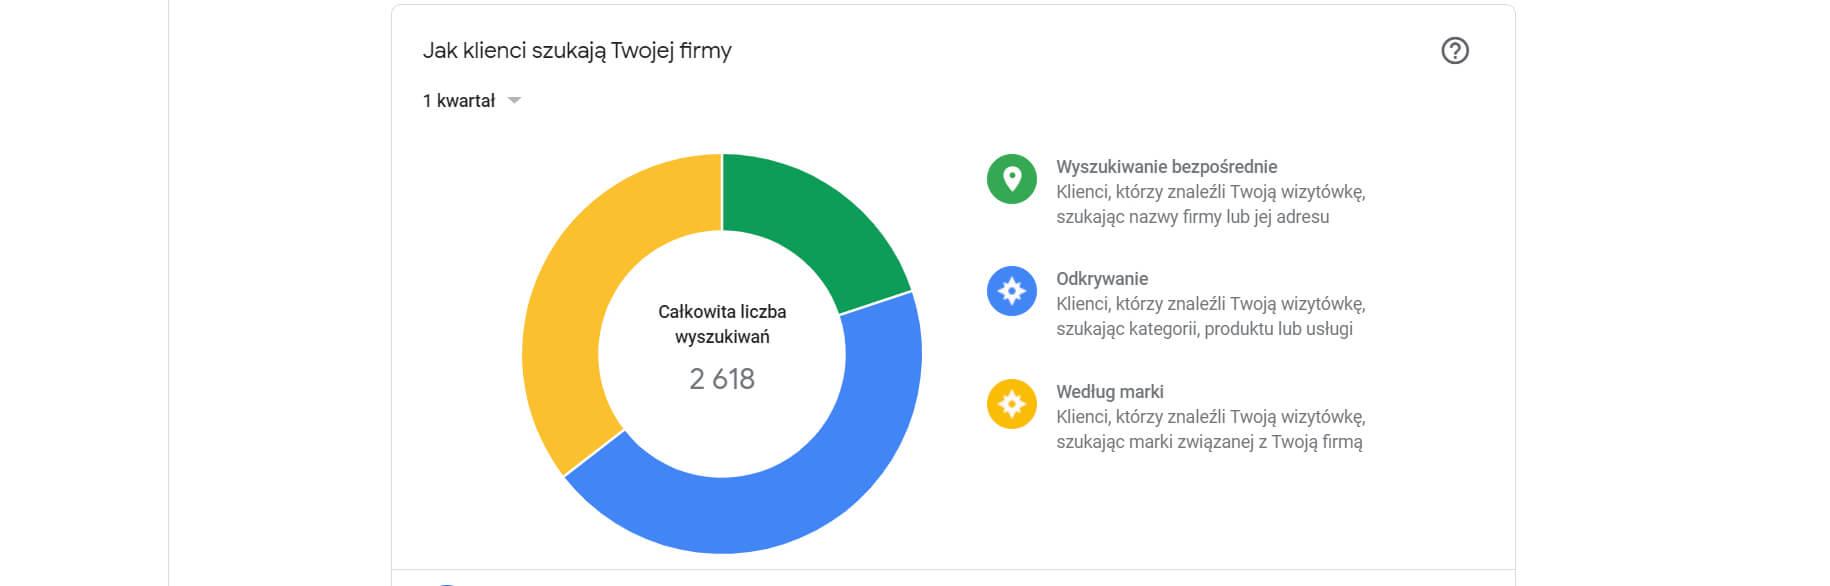 pozycjonowanie w google maps jak klienci wyszukują firmy